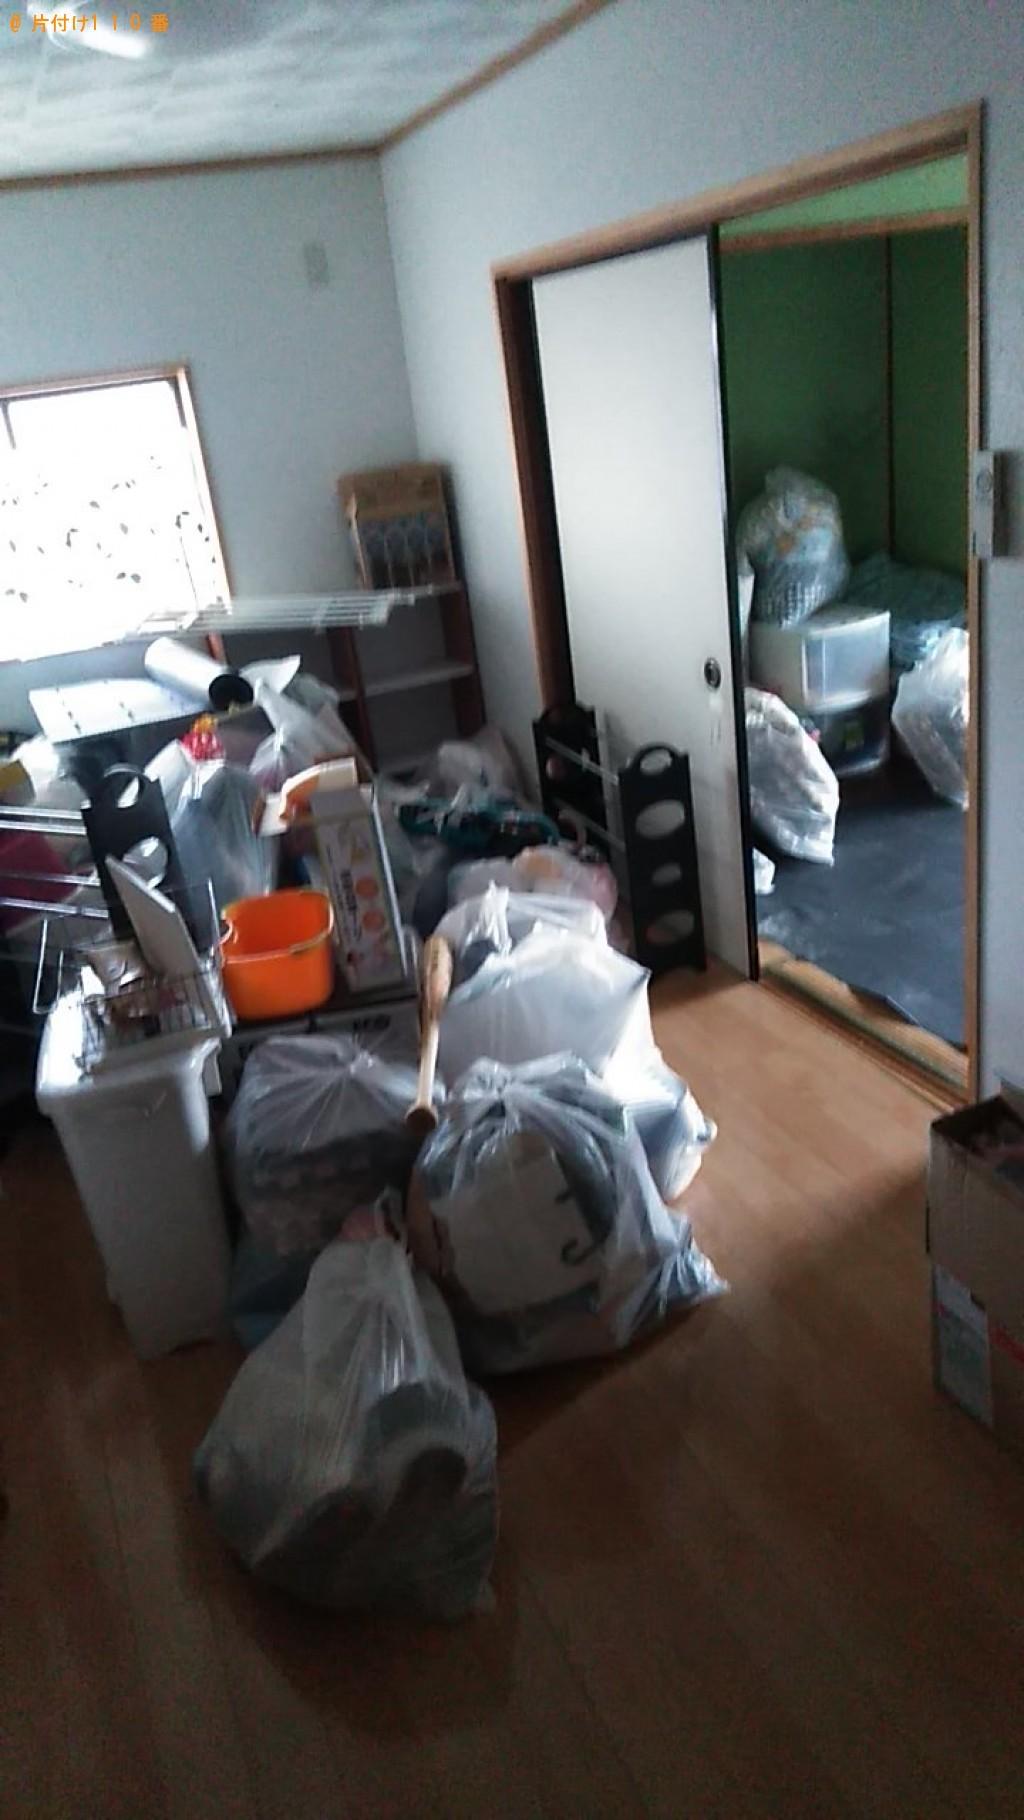 【大洲市】テレビ、収納棚等の回収・処分ご依頼 お客様の声